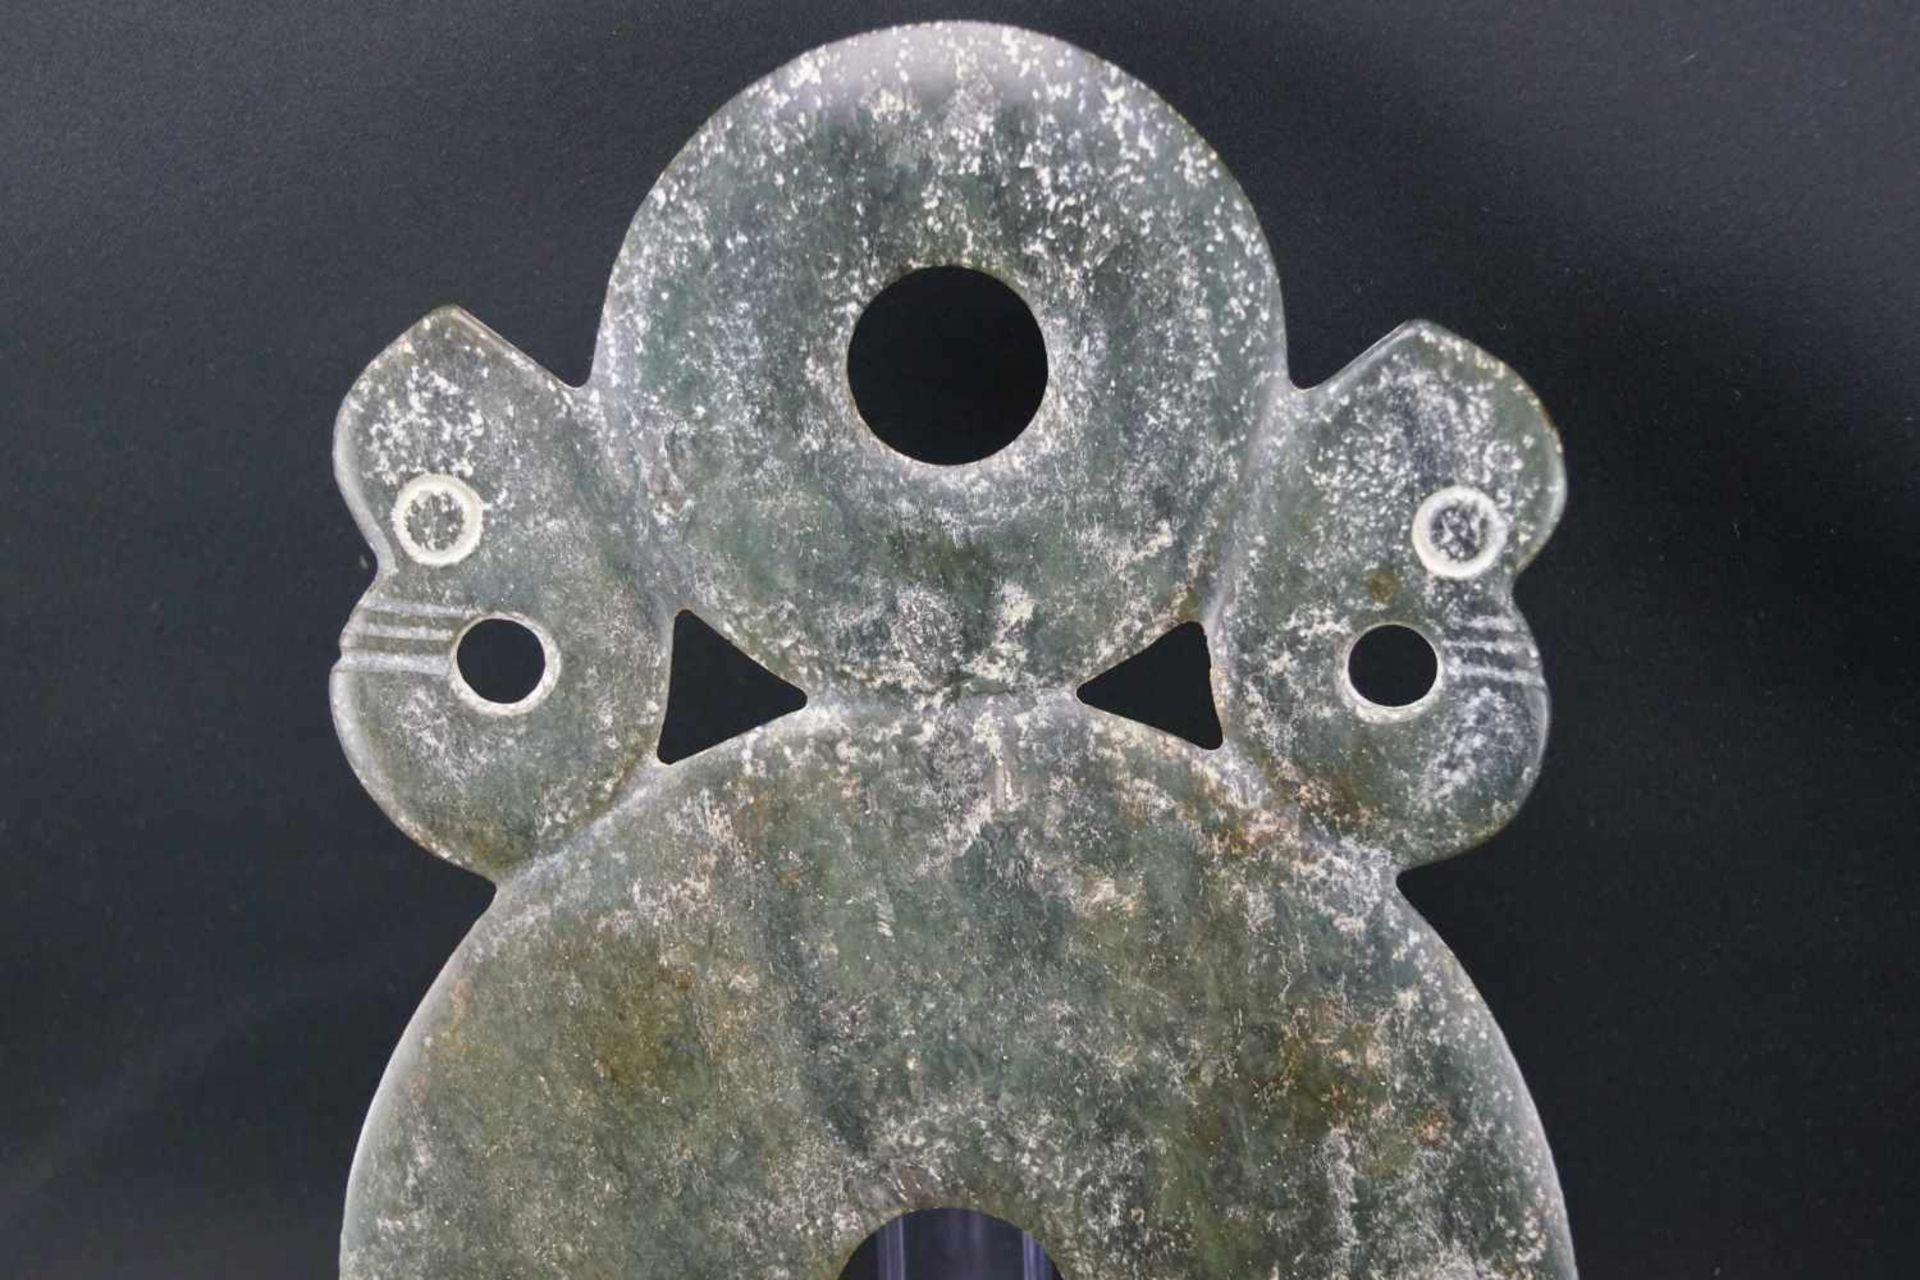 Große Bischeibedunkelgrüne Jade, Durchmesser der großen Scheibe 19 cm, Gesamtmaß Länge 29 cm x - Bild 3 aus 4